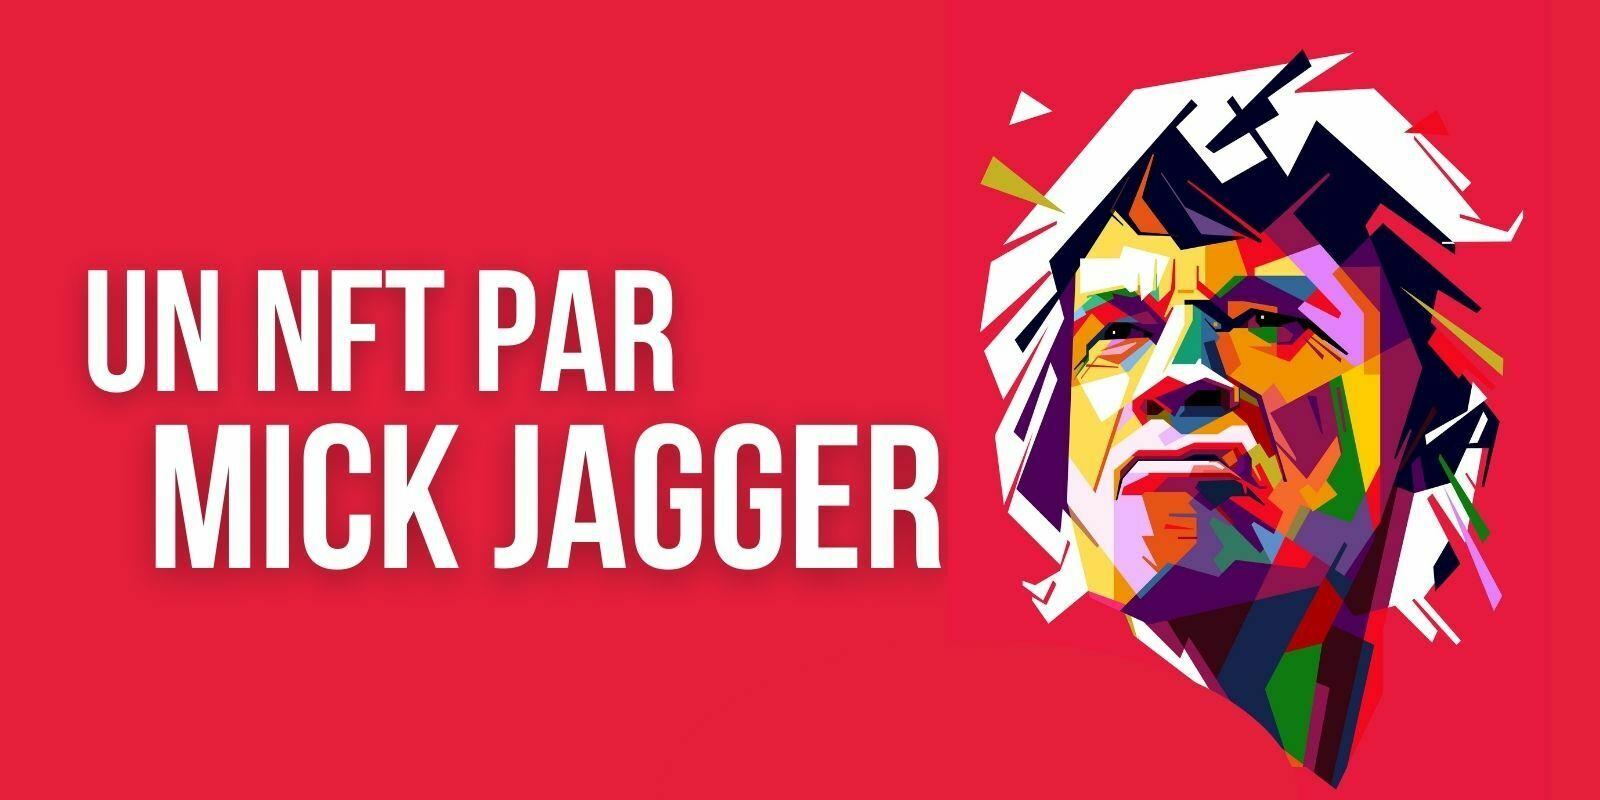 Mick Jagger et Dave Grohl proposent un NFT sur le thème du confinement